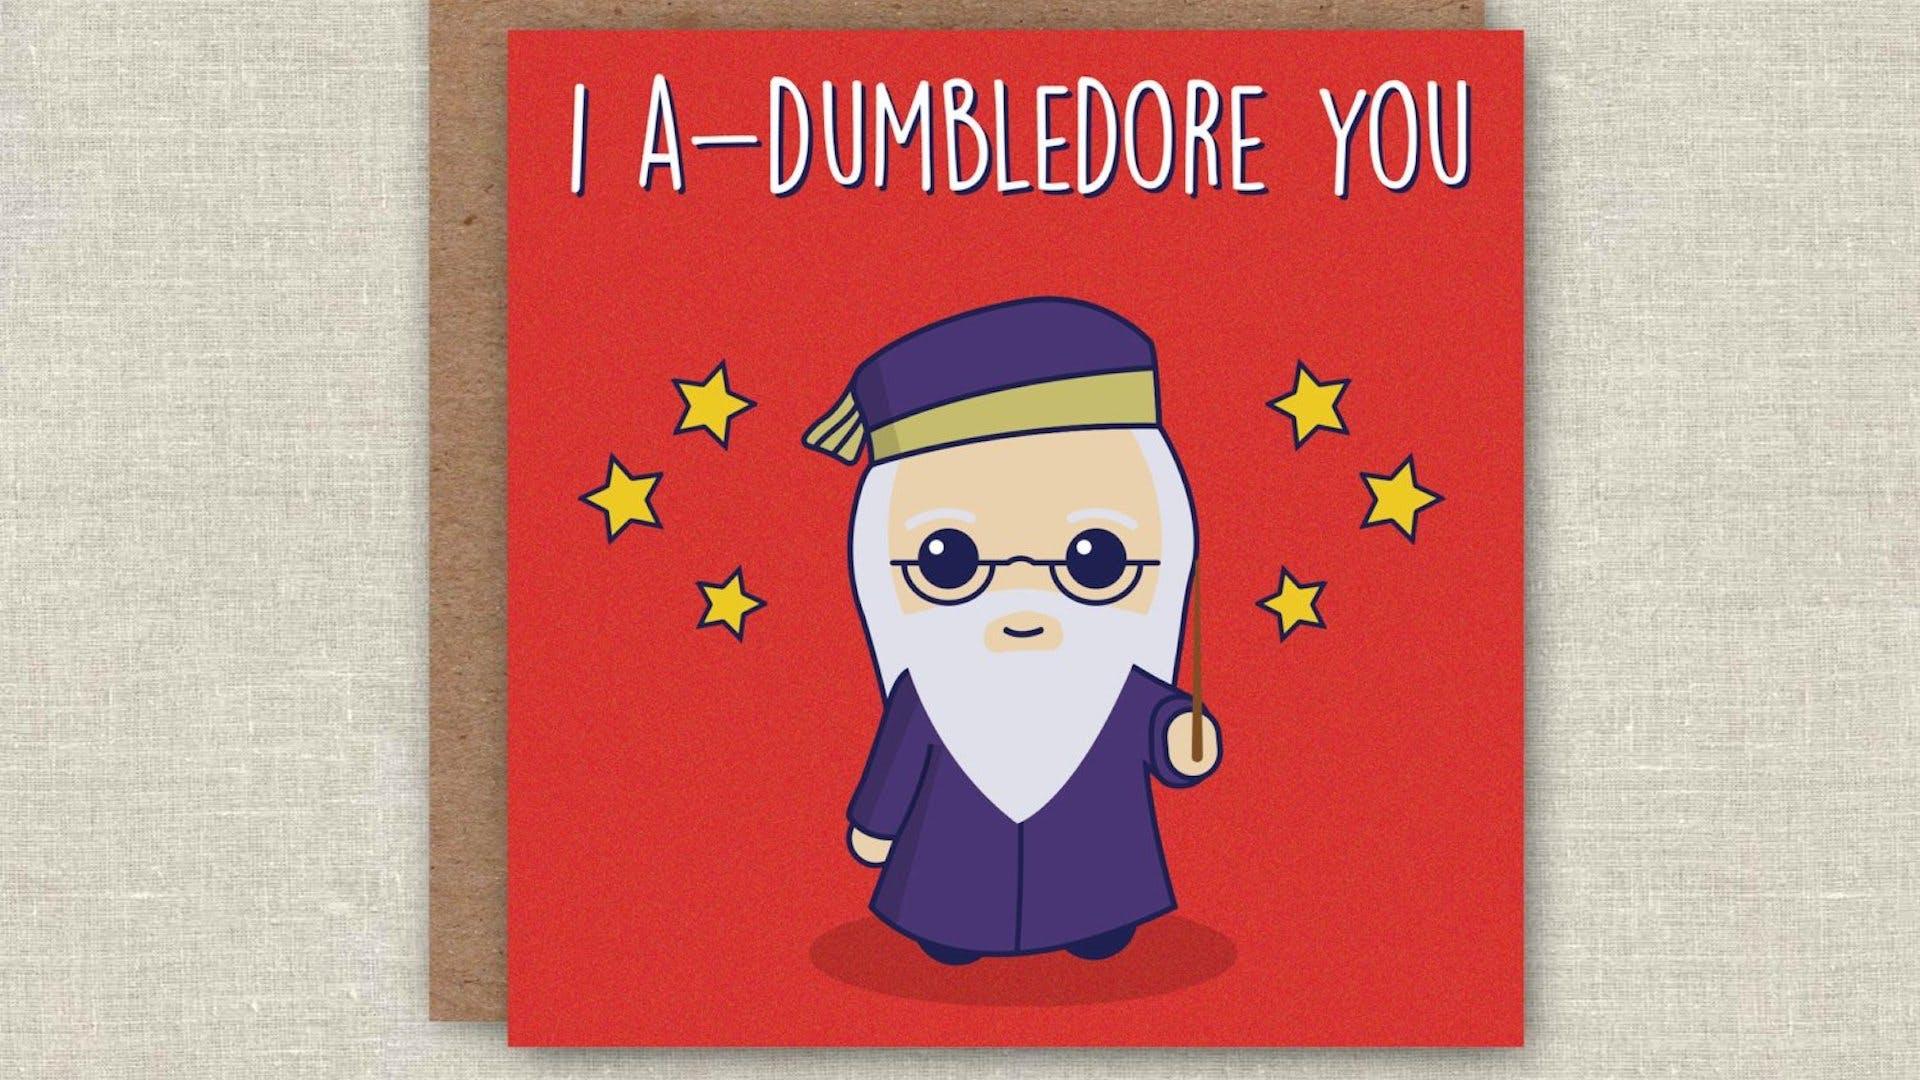 I A-Dumbledore You Valentine's Day card